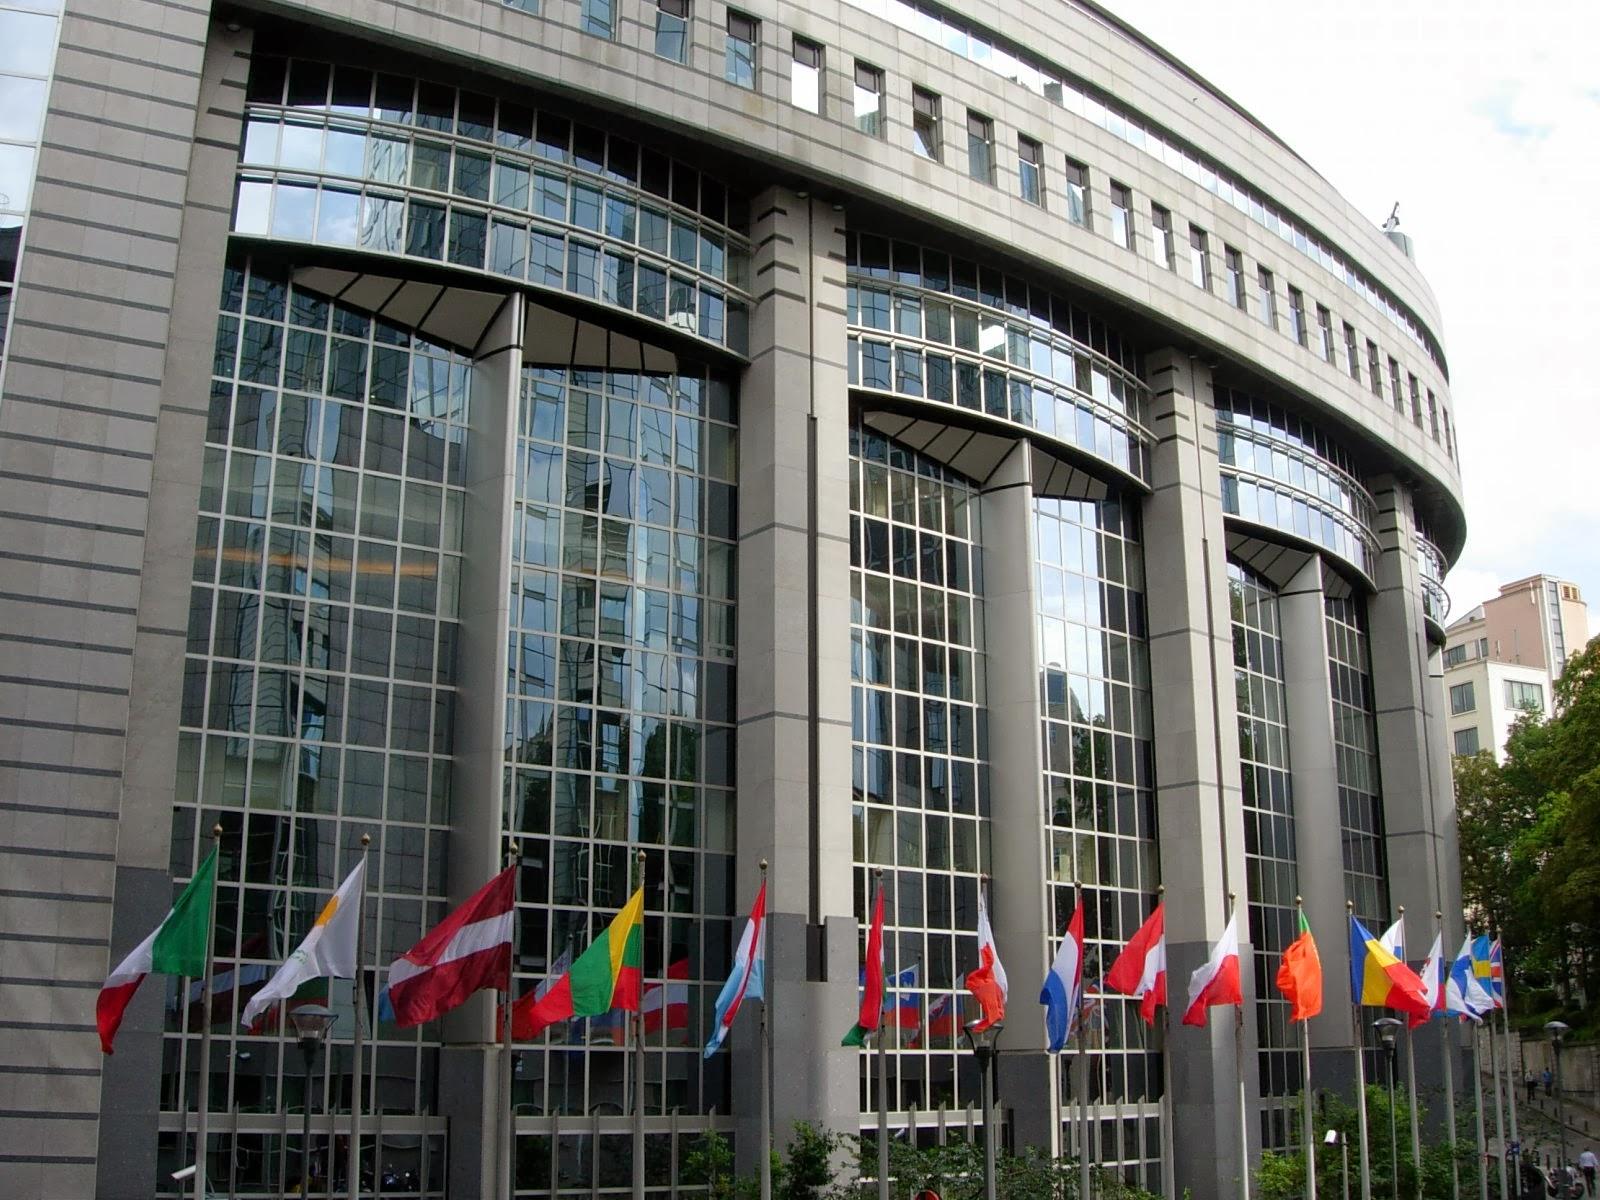 натяжные потолки clipso в Европарламенте